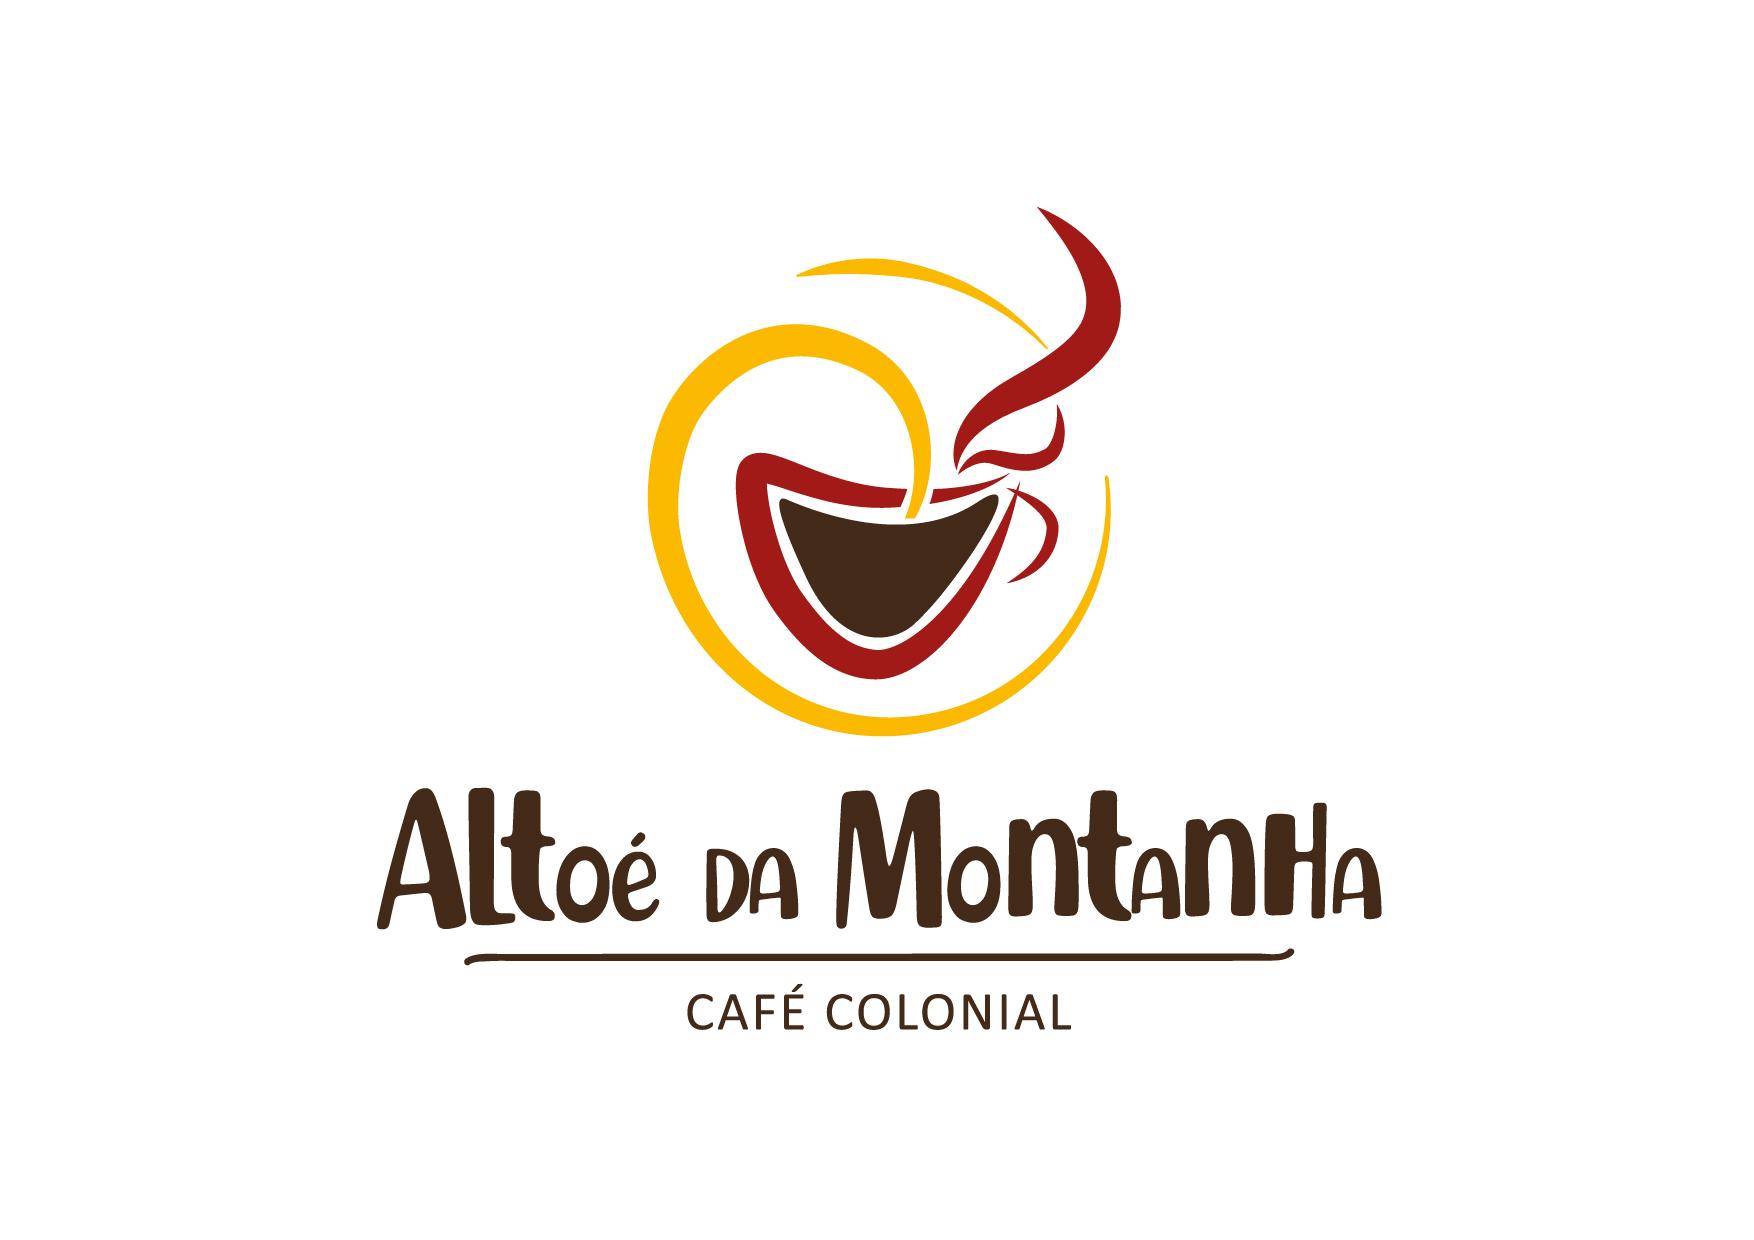 Altoé da Montanha Café Colonial